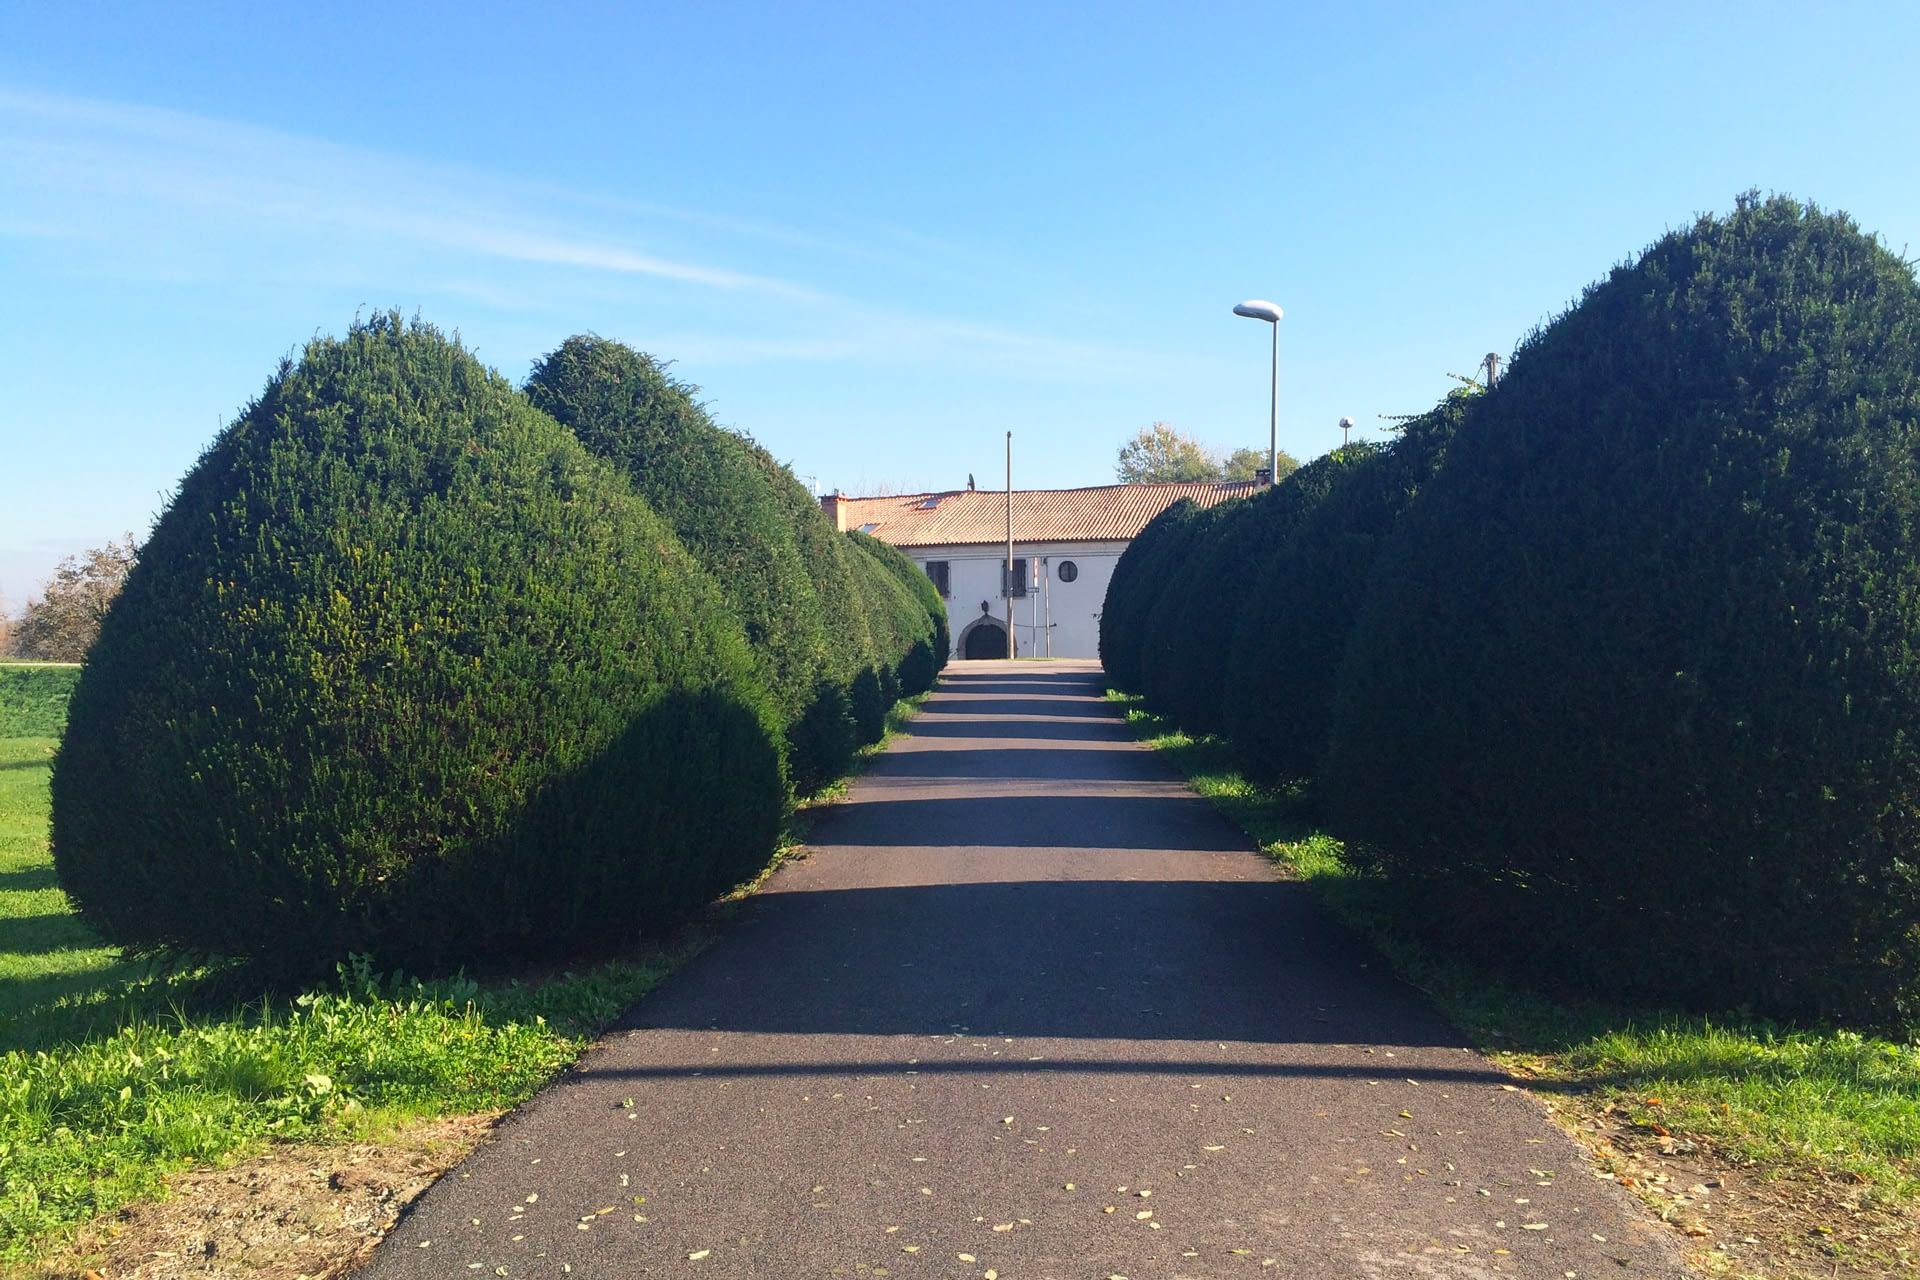 Pernumia_Viale vicino al percorso della ciclabile